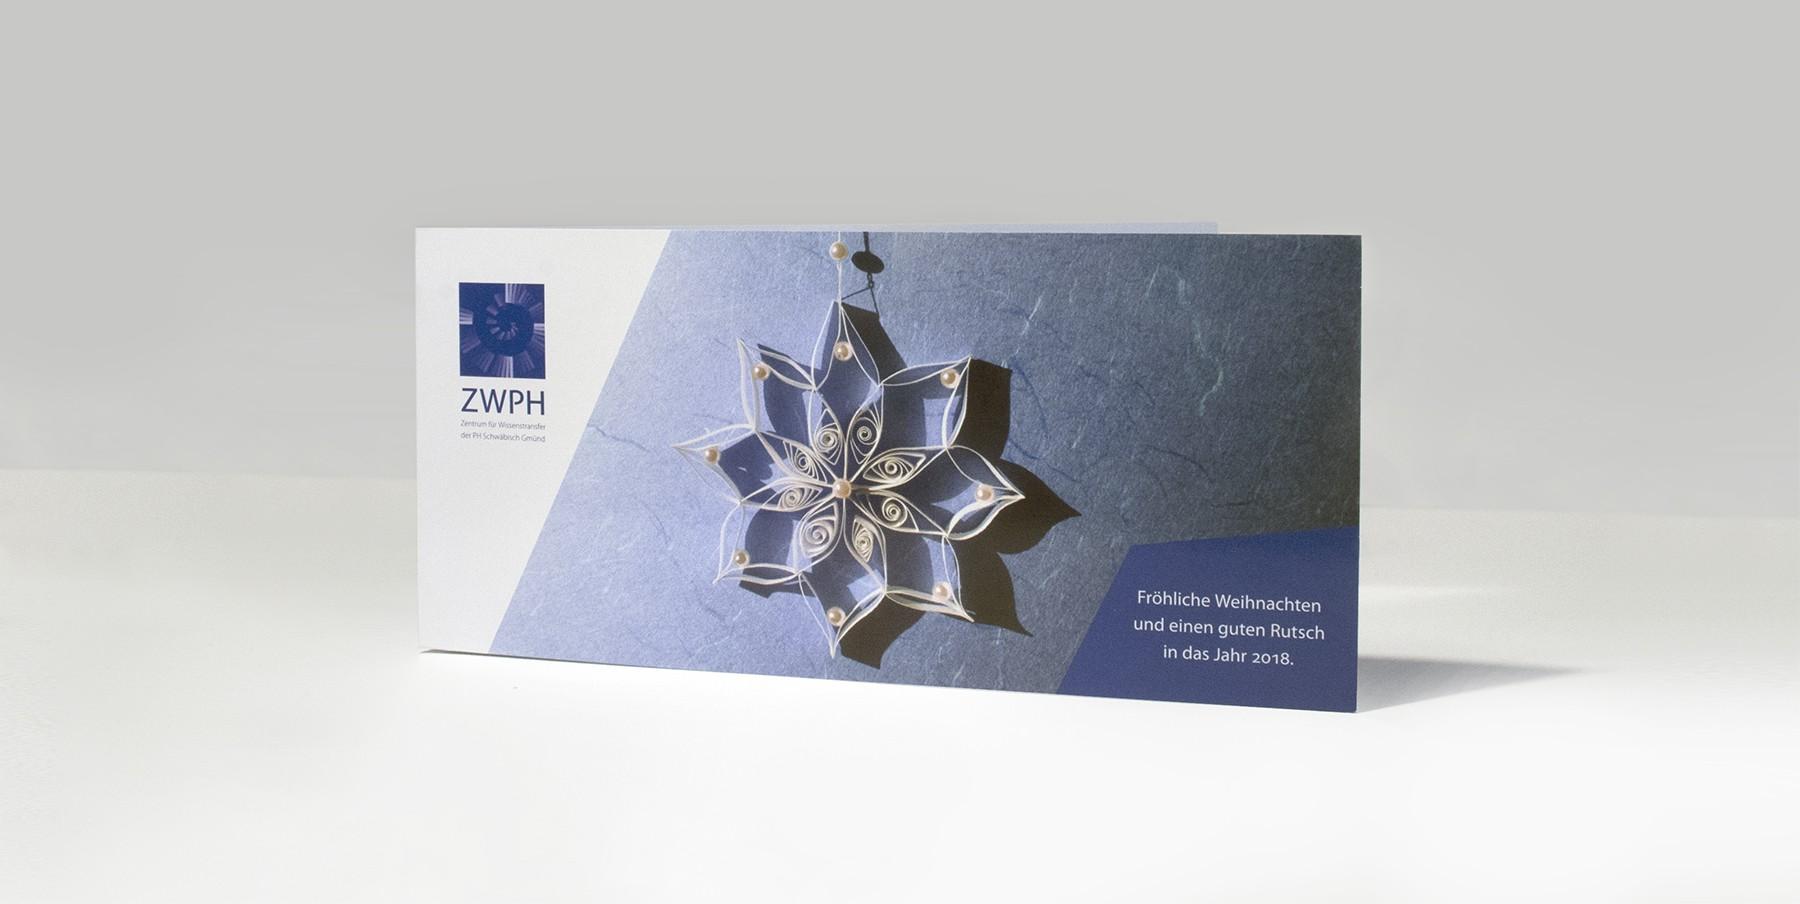 Introbild für das Projekt ZWPH Weihnachtsgrußkarte